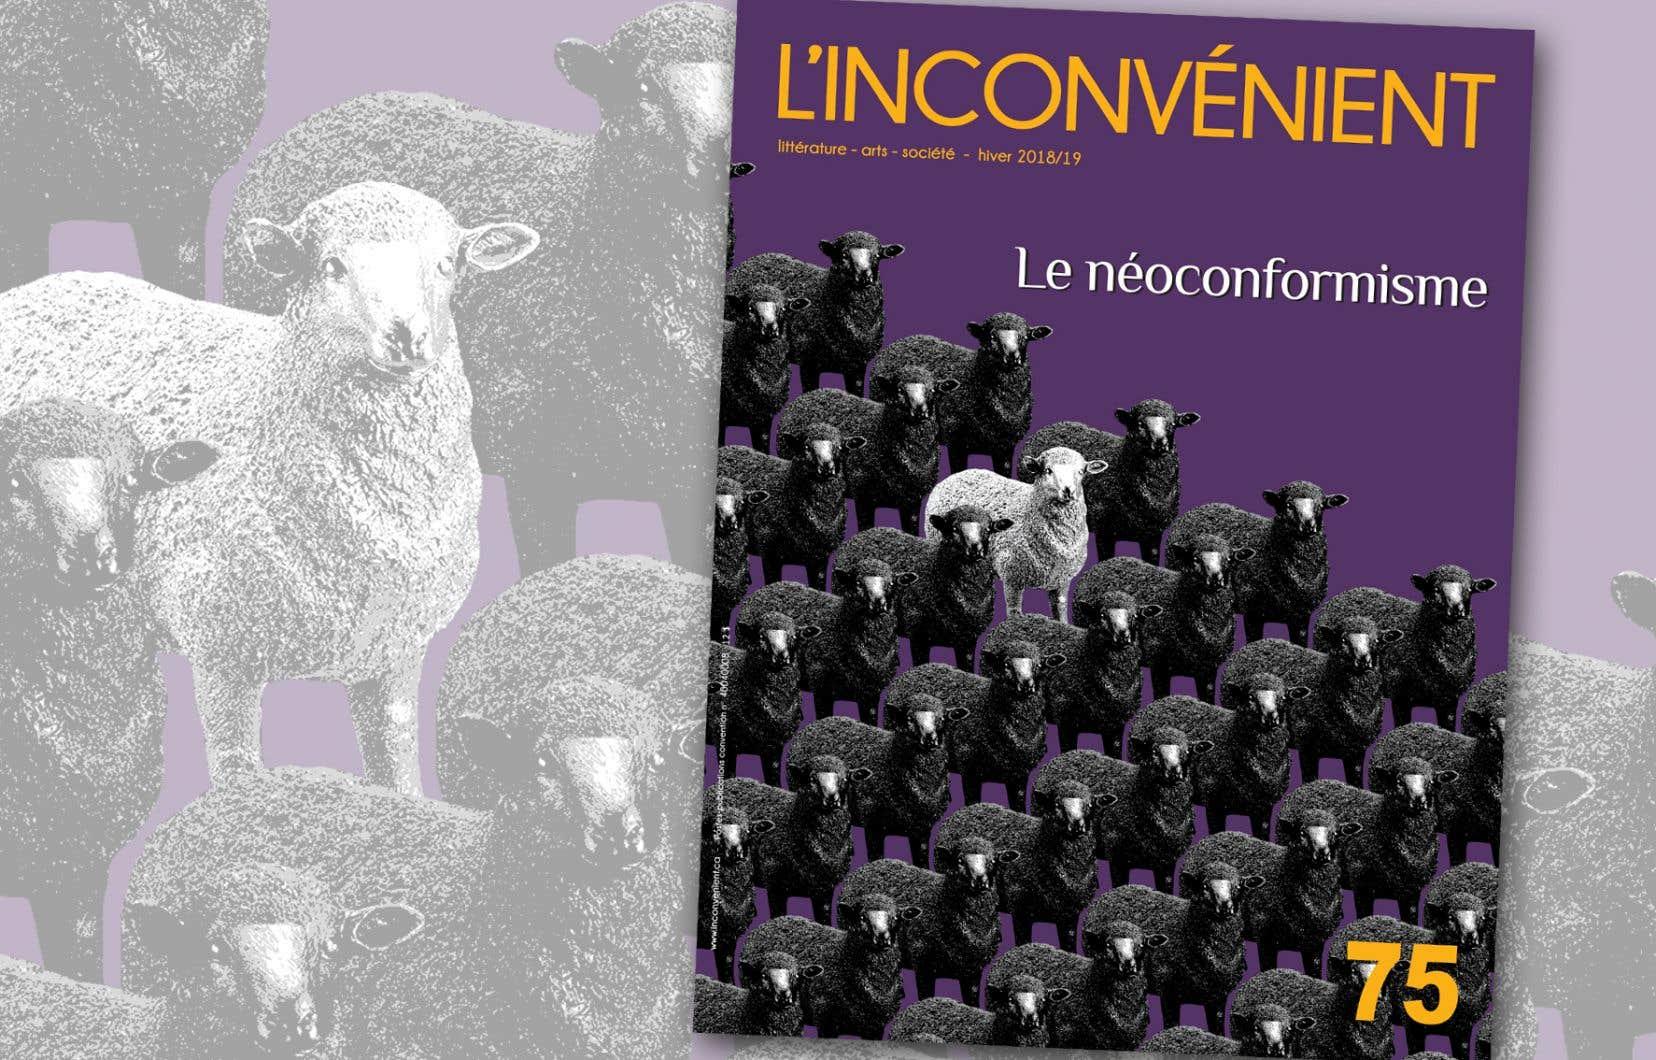 «L'inconvénient», hiver 2018-2019, no 75.